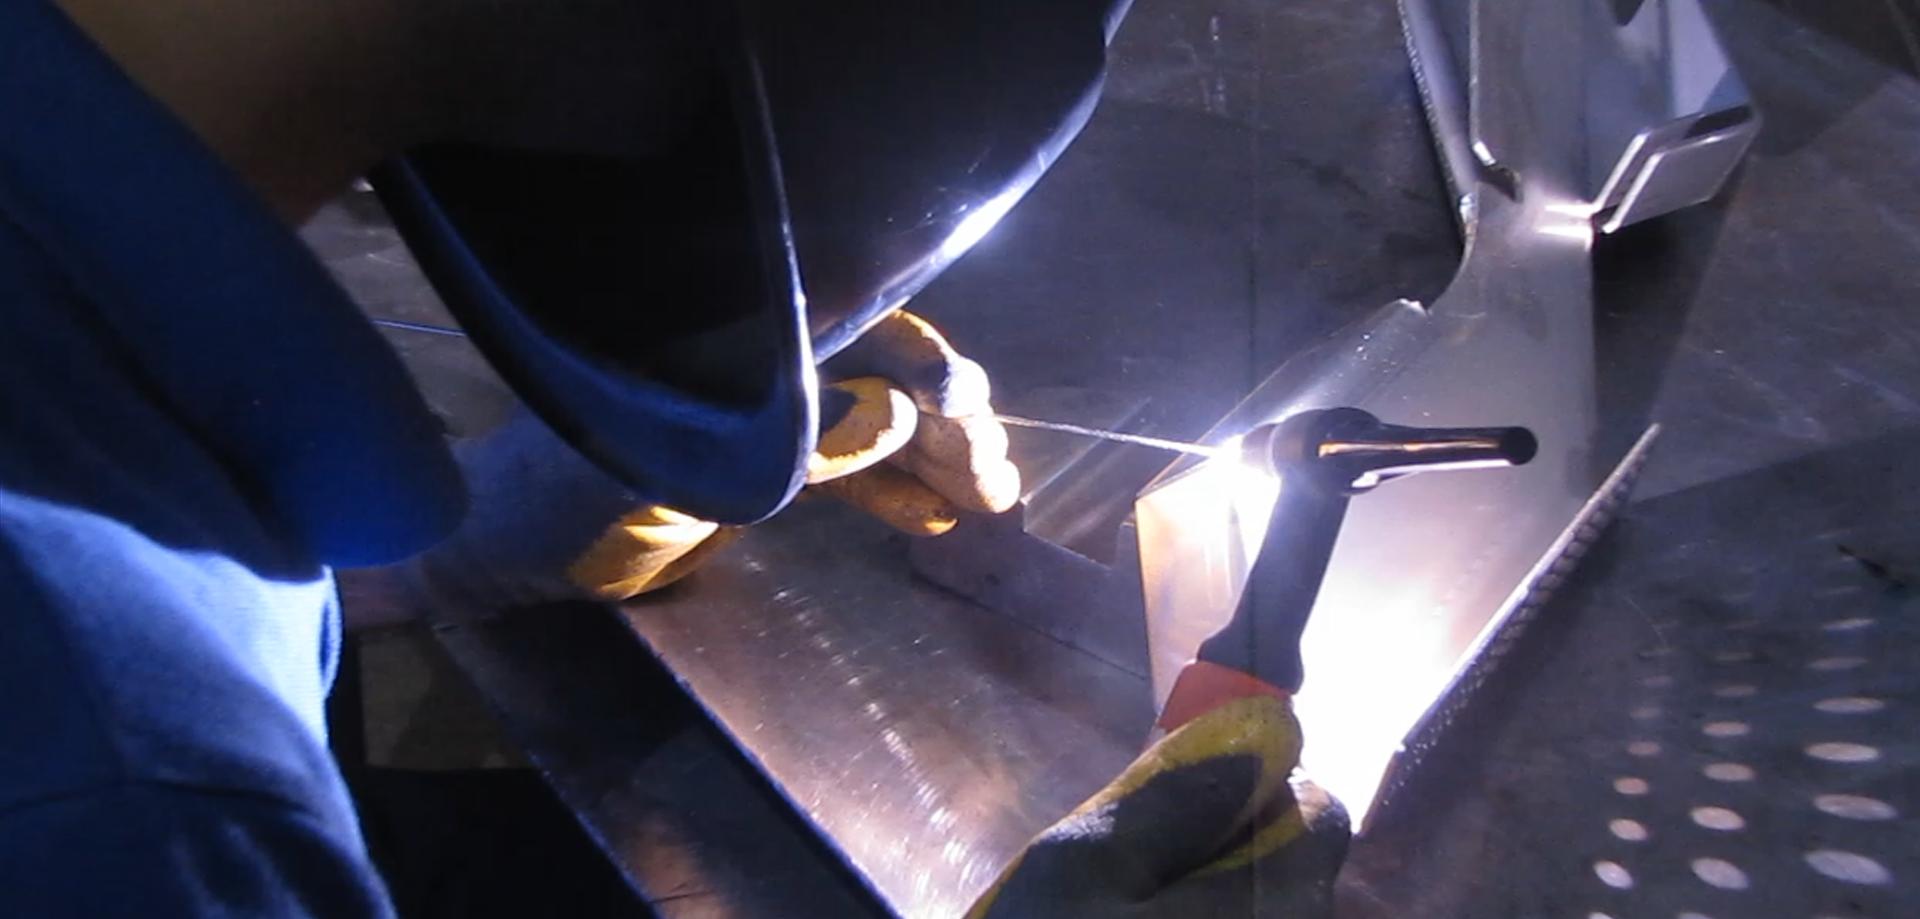 Argon About Argon Welding